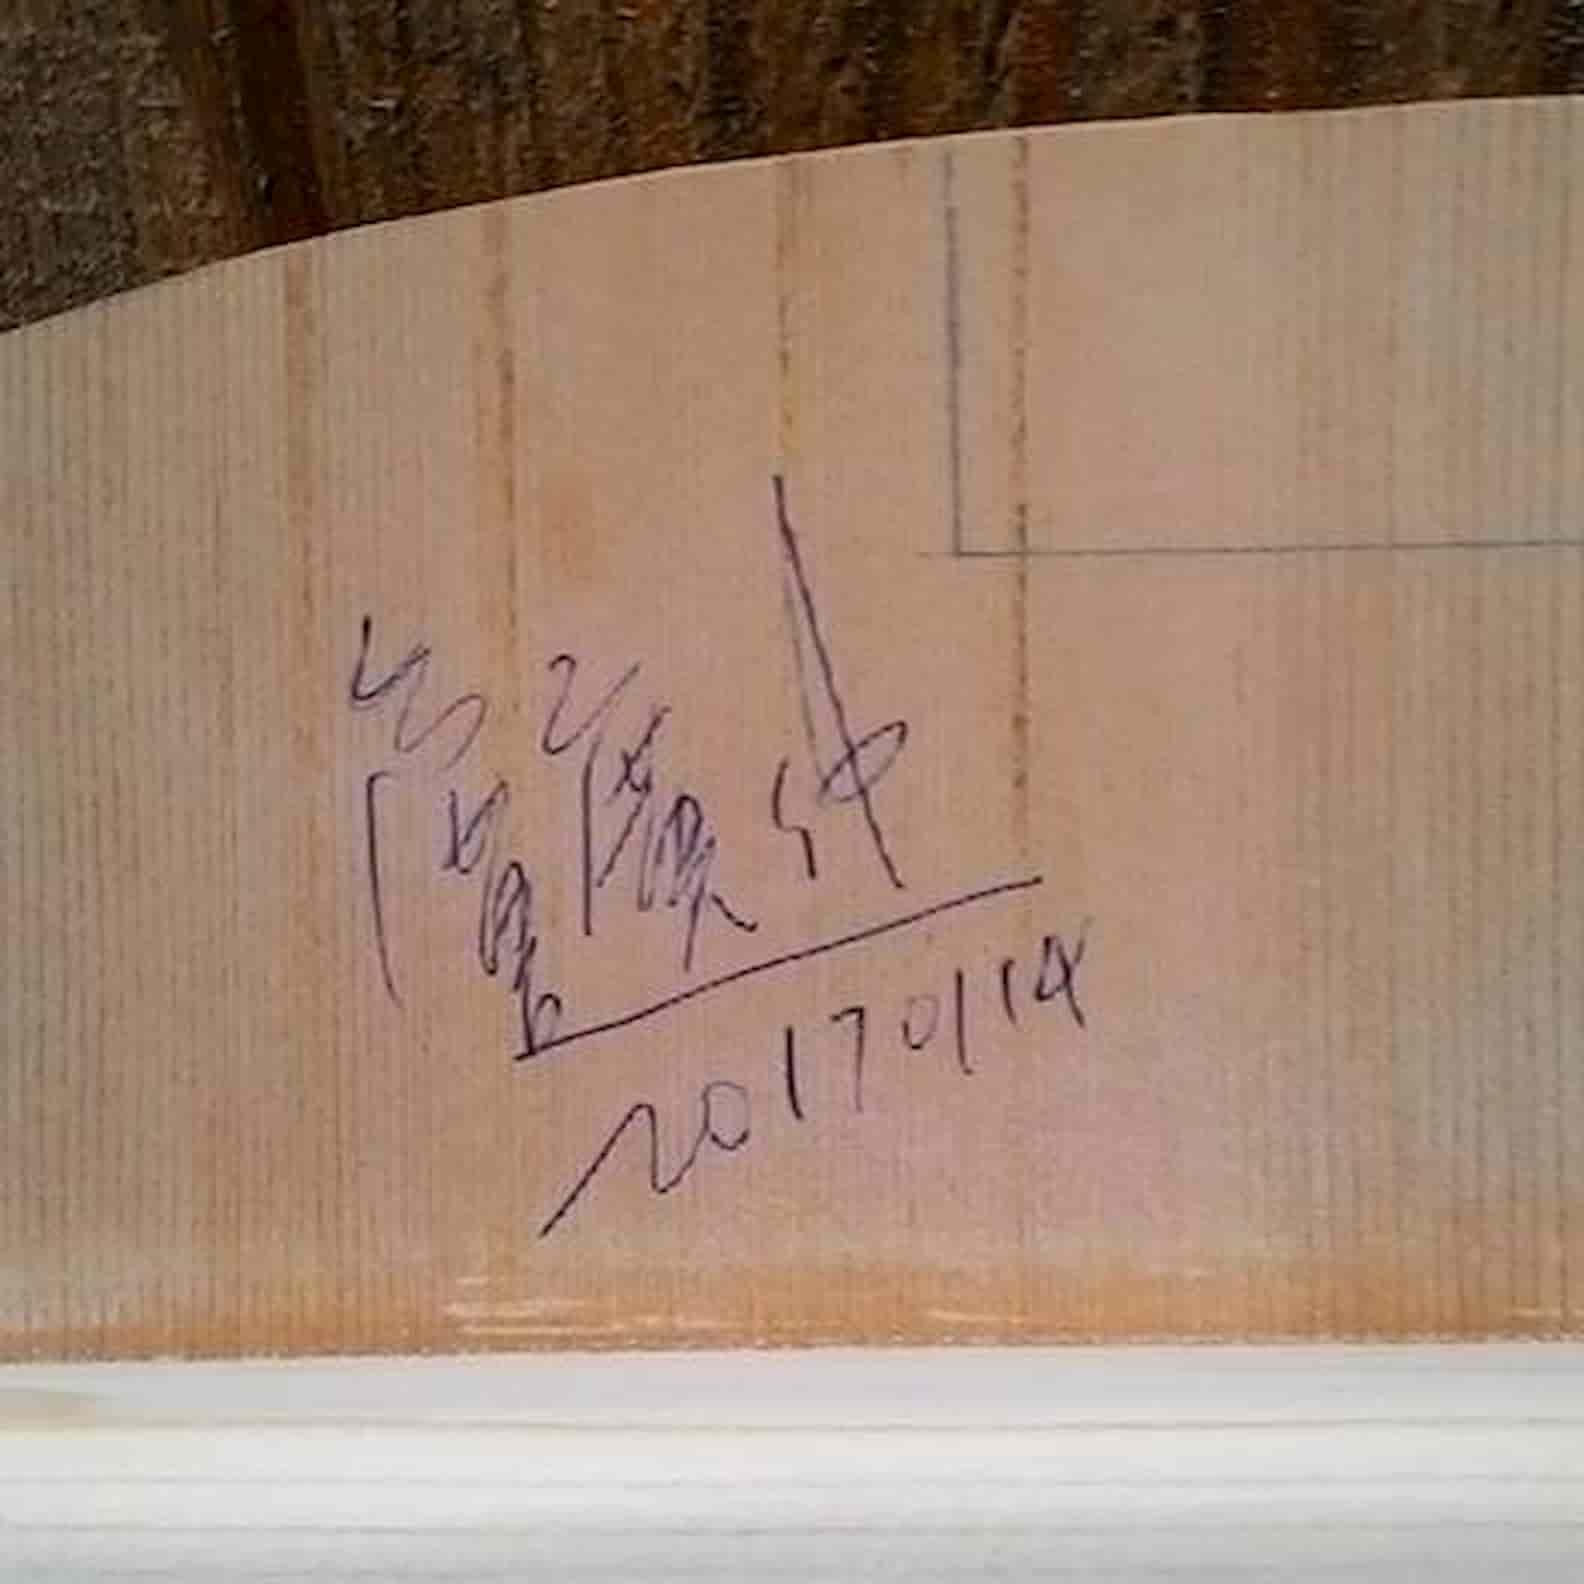 湯明進吉他 - 盧廣仲簽名